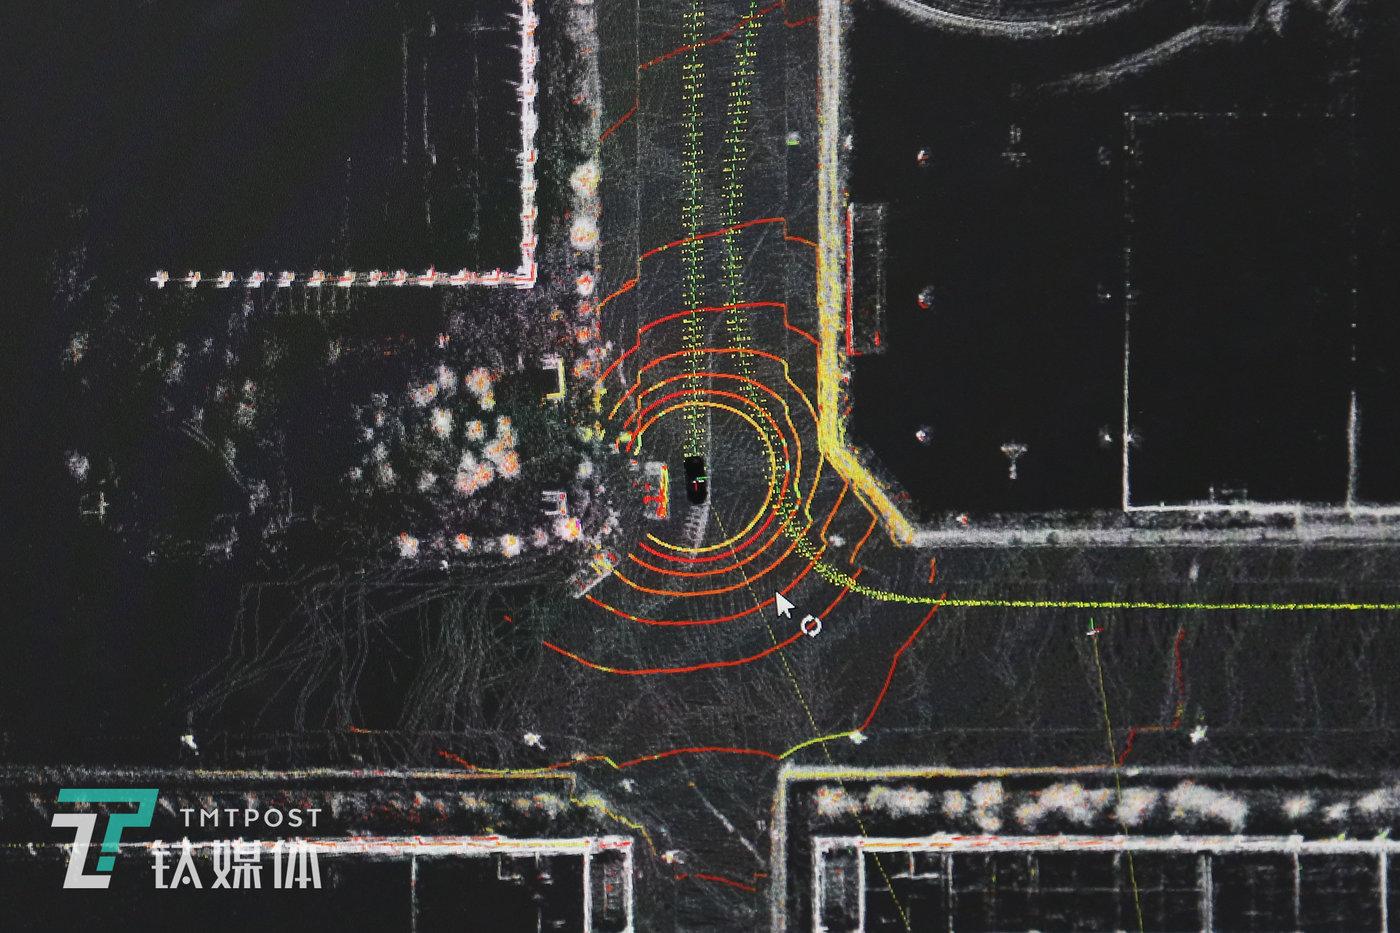 """路点录入阶段,D队车辆通过Velodyne 16线激光雷达D队车在行驶中,车内显示屏同步显示的""""激光雷达构建的点云高精地图""""。地图中间黑色矩形是车辆,。地图显示车周边环境,红圈为可视化道路路径,距离黑色车模型越近,颜色越亮,识别到的物体也会更清晰。绿色轨迹线条是为车辆行驶的线路。"""